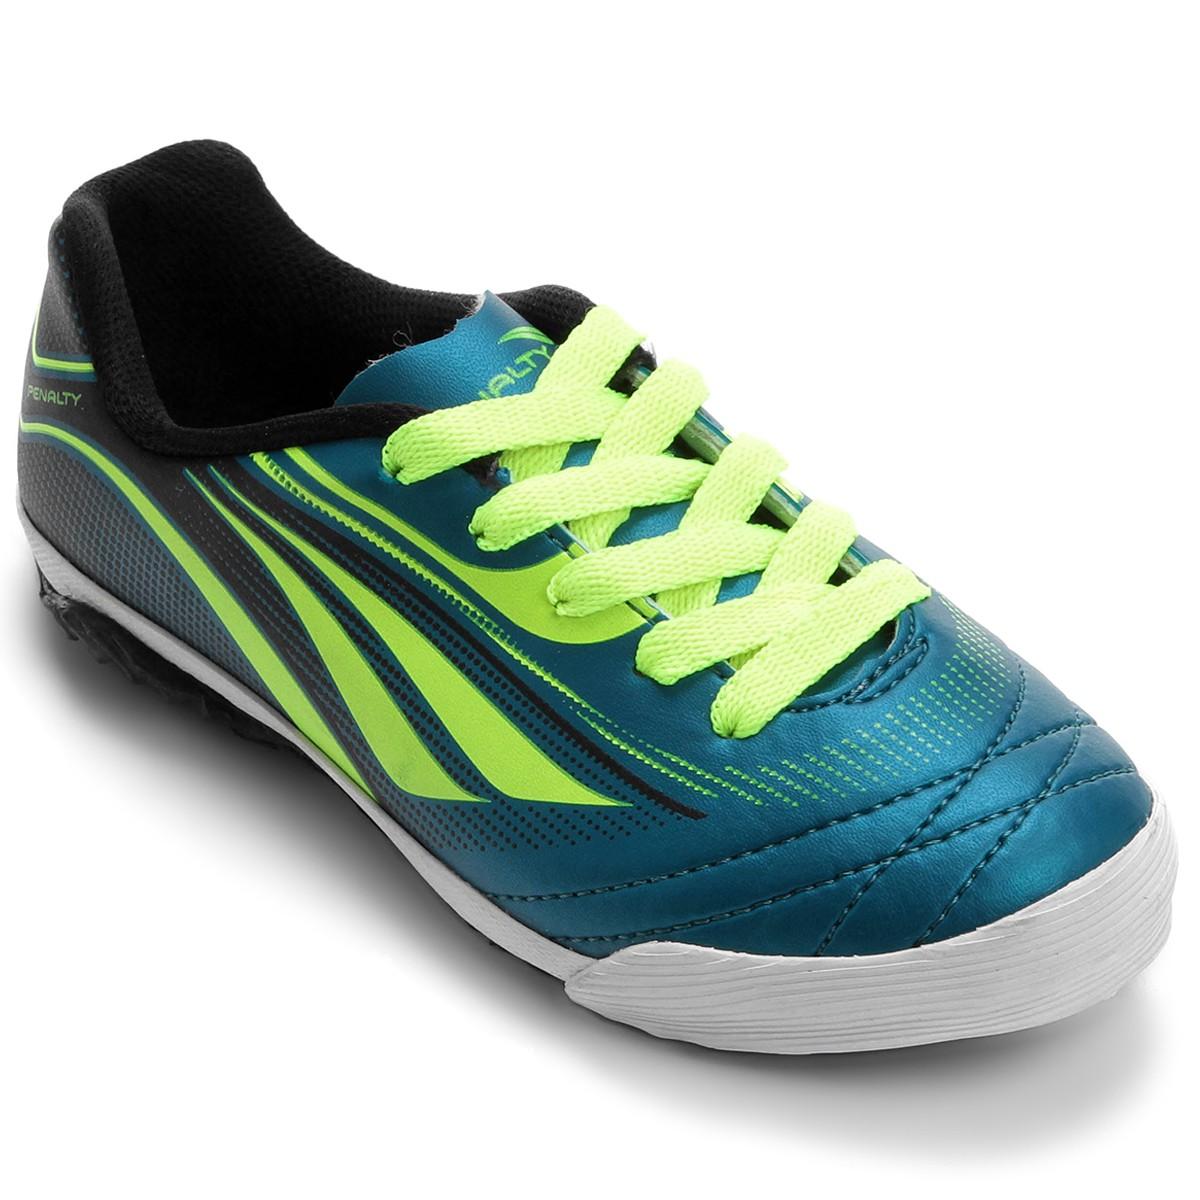 Tênis Futsal Penalty 116064 7026 Rocket - Azul amarelo  250a5208c580e